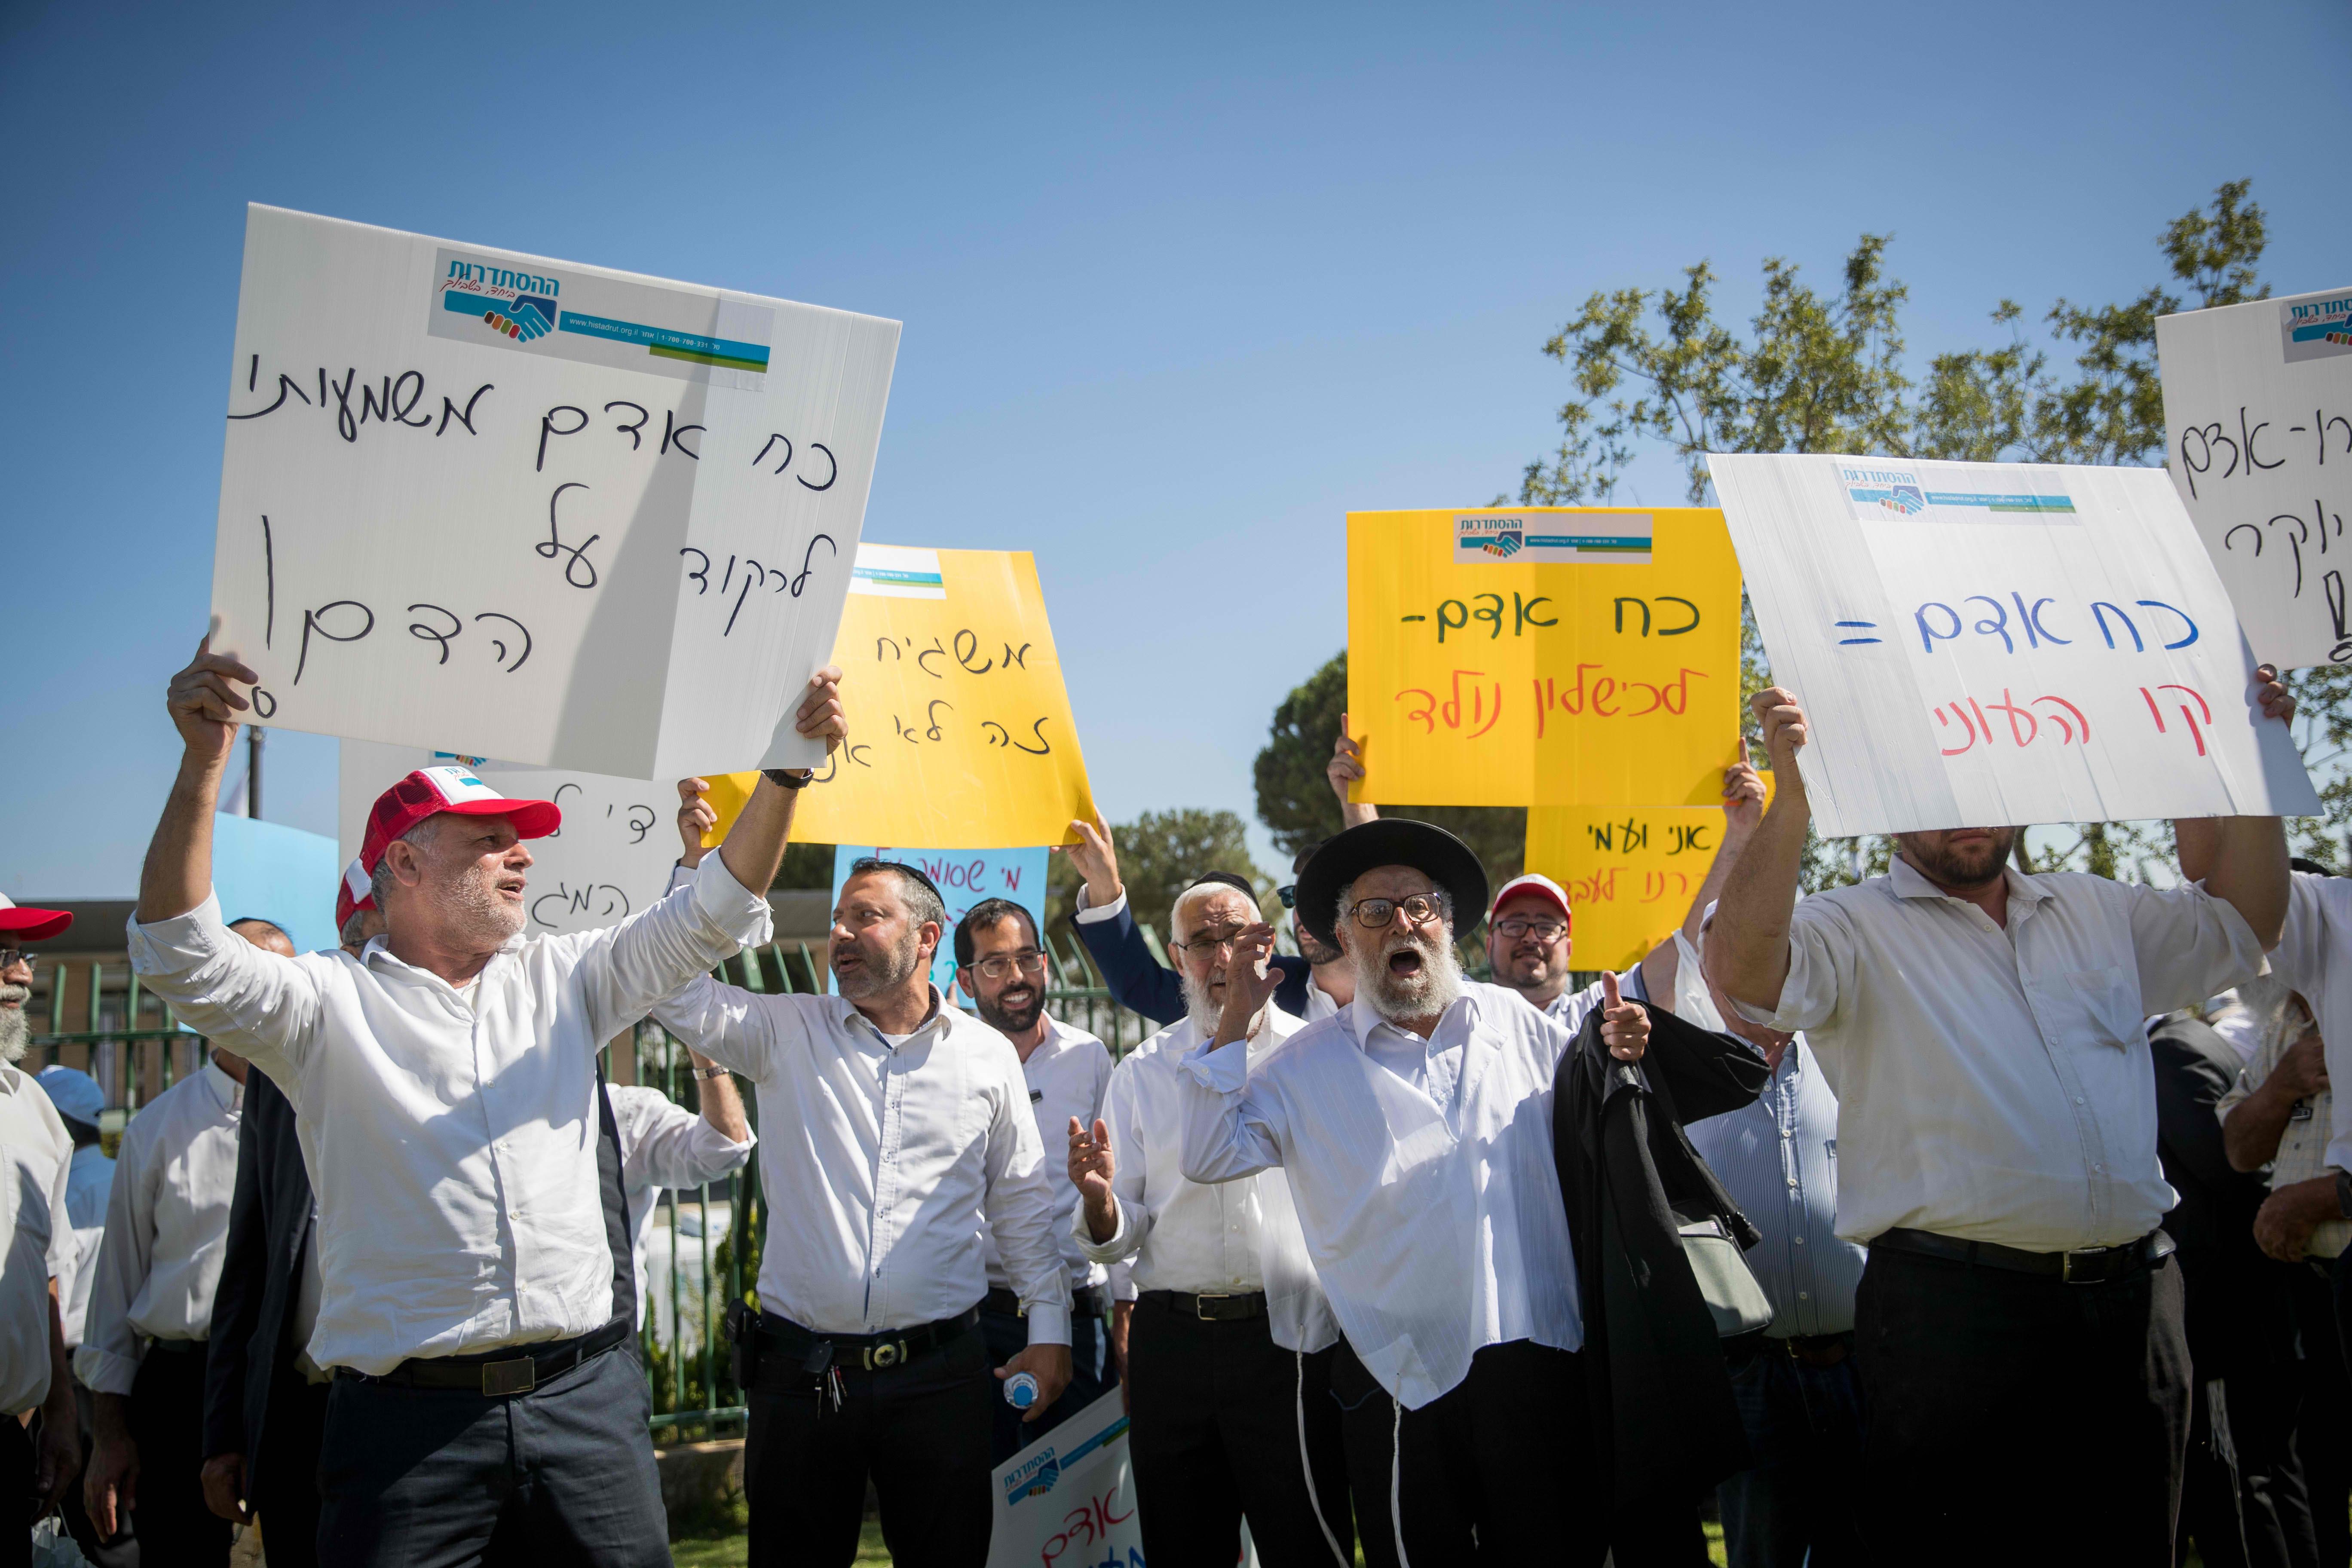 פרנסתנו אינה הפקר, משגיחי הכשרות בירושלים היום. צילום פלאש 90